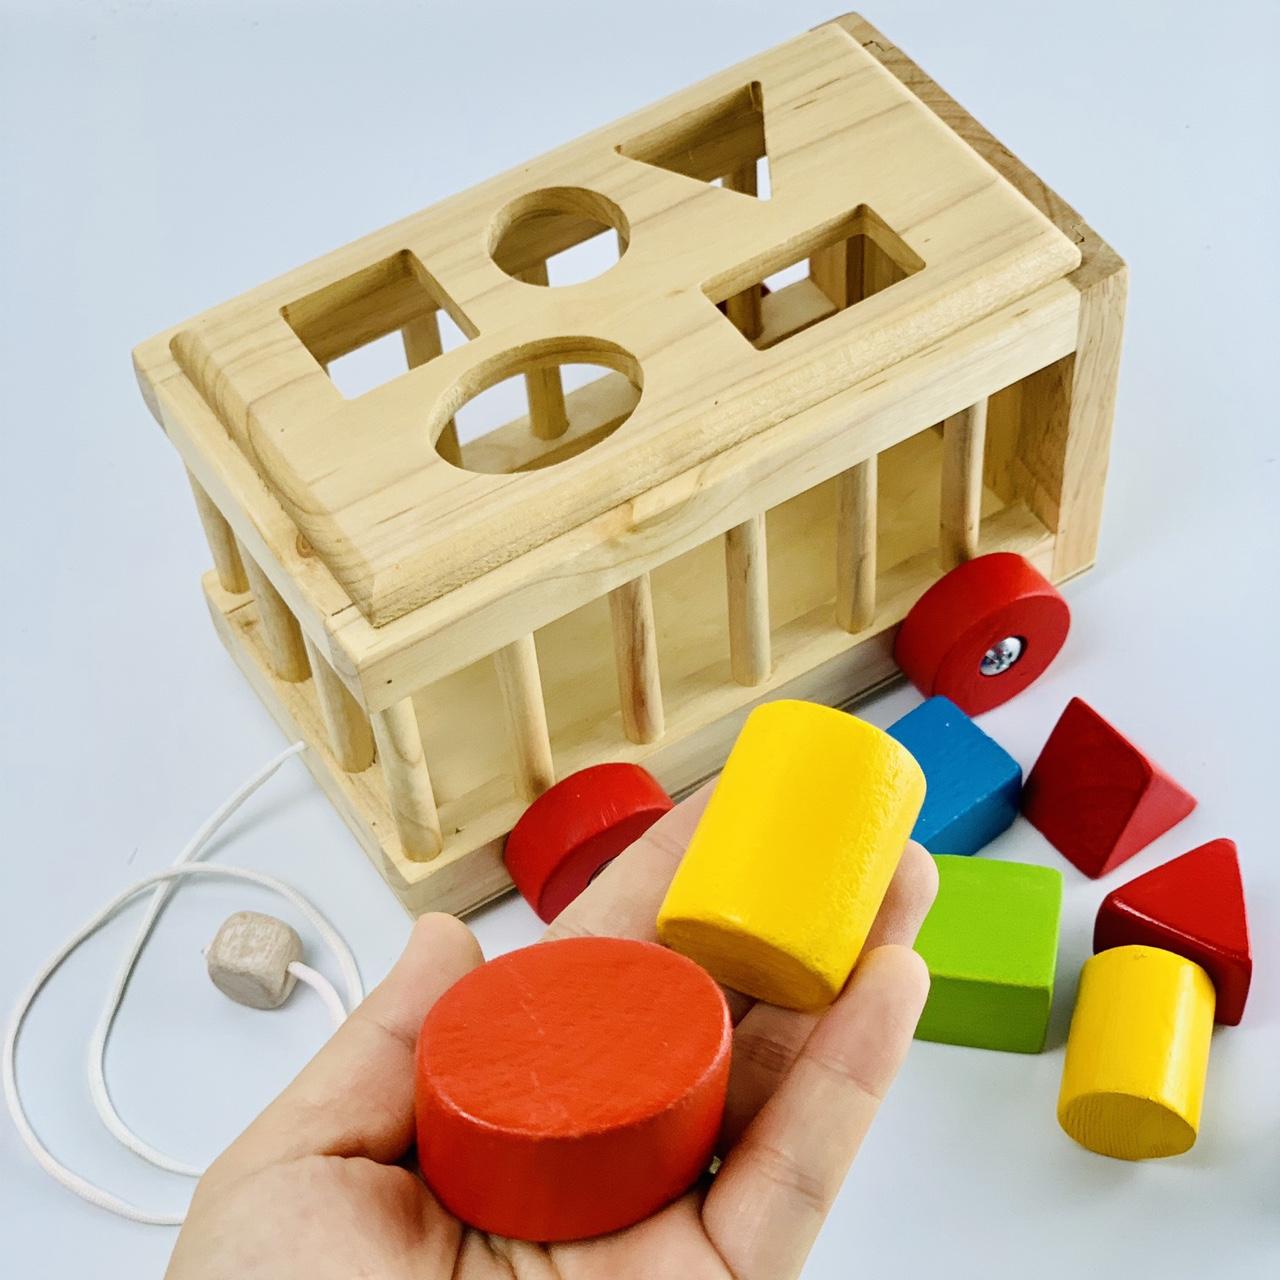 Mô hình thả khối Kids smile cho tập làm quen với hình khối cơ bản